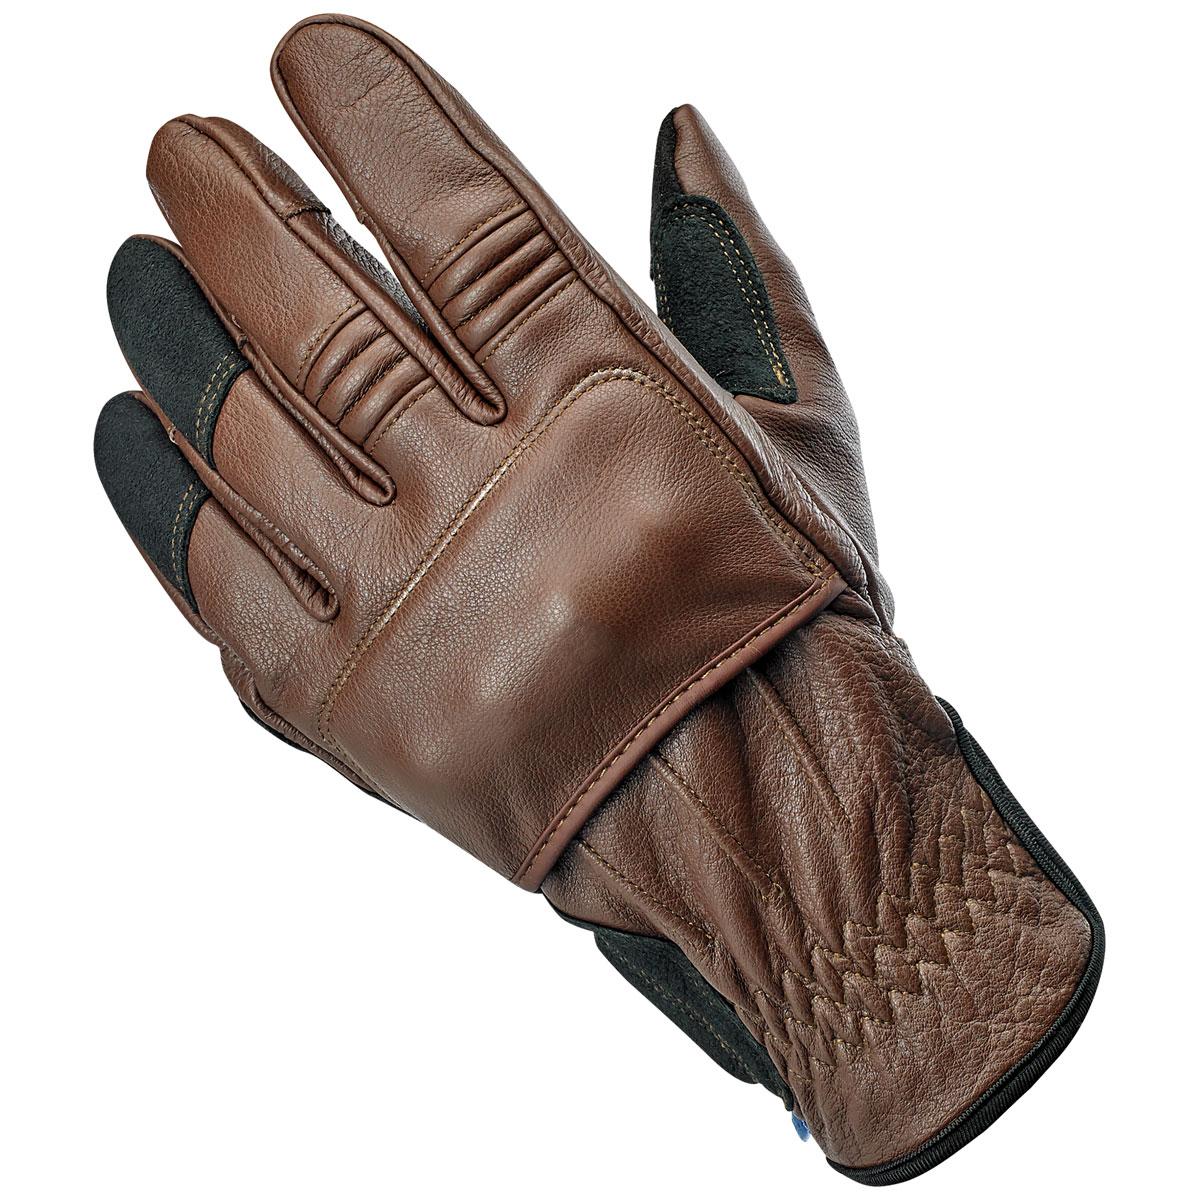 Biltwell Inc. Men's Belden Chocolate Leather Gloves